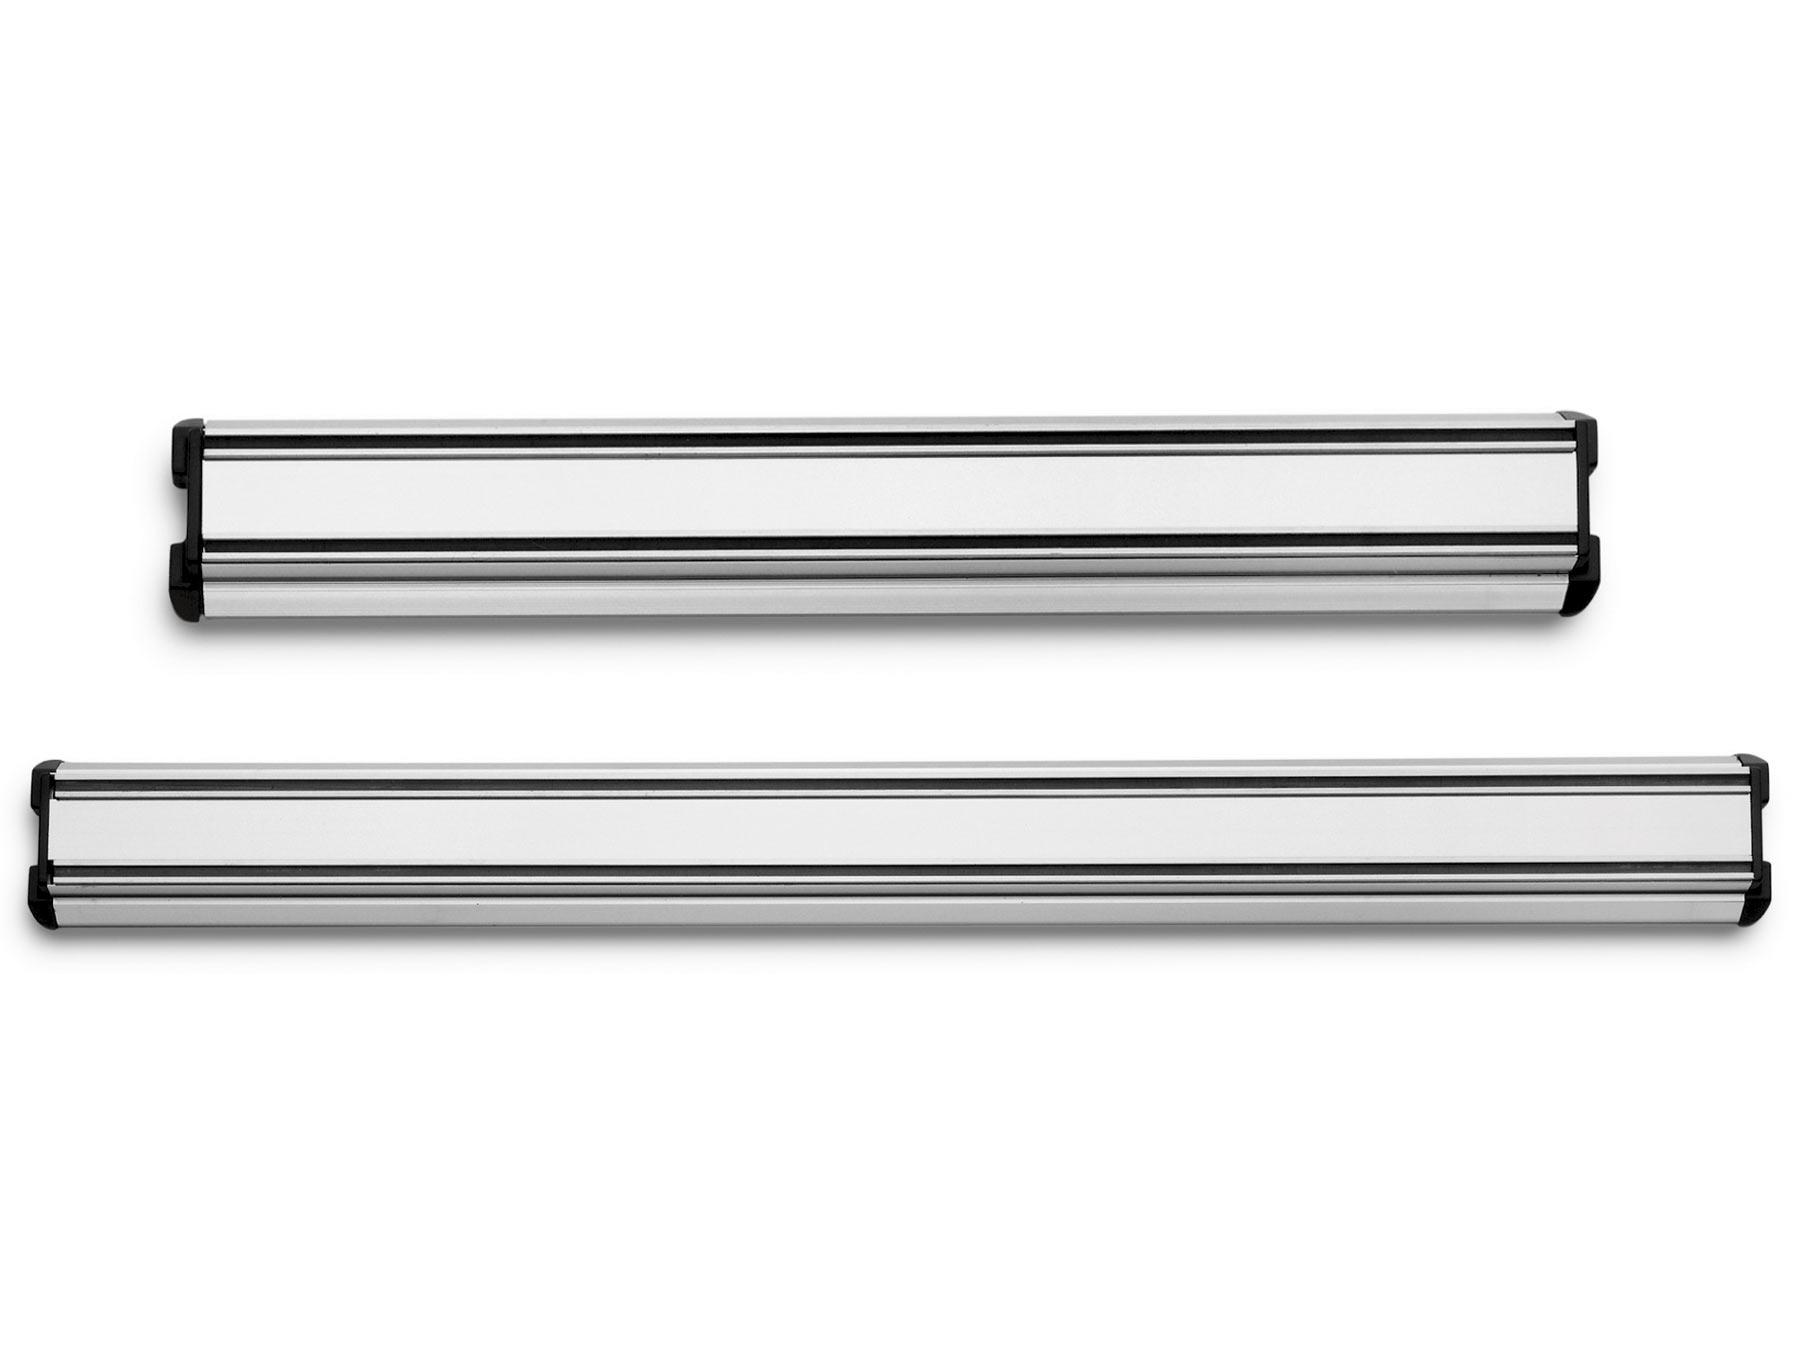 Wüsthof 7227/45 Magnethalter / Magnetleiste verchromt 45 cm